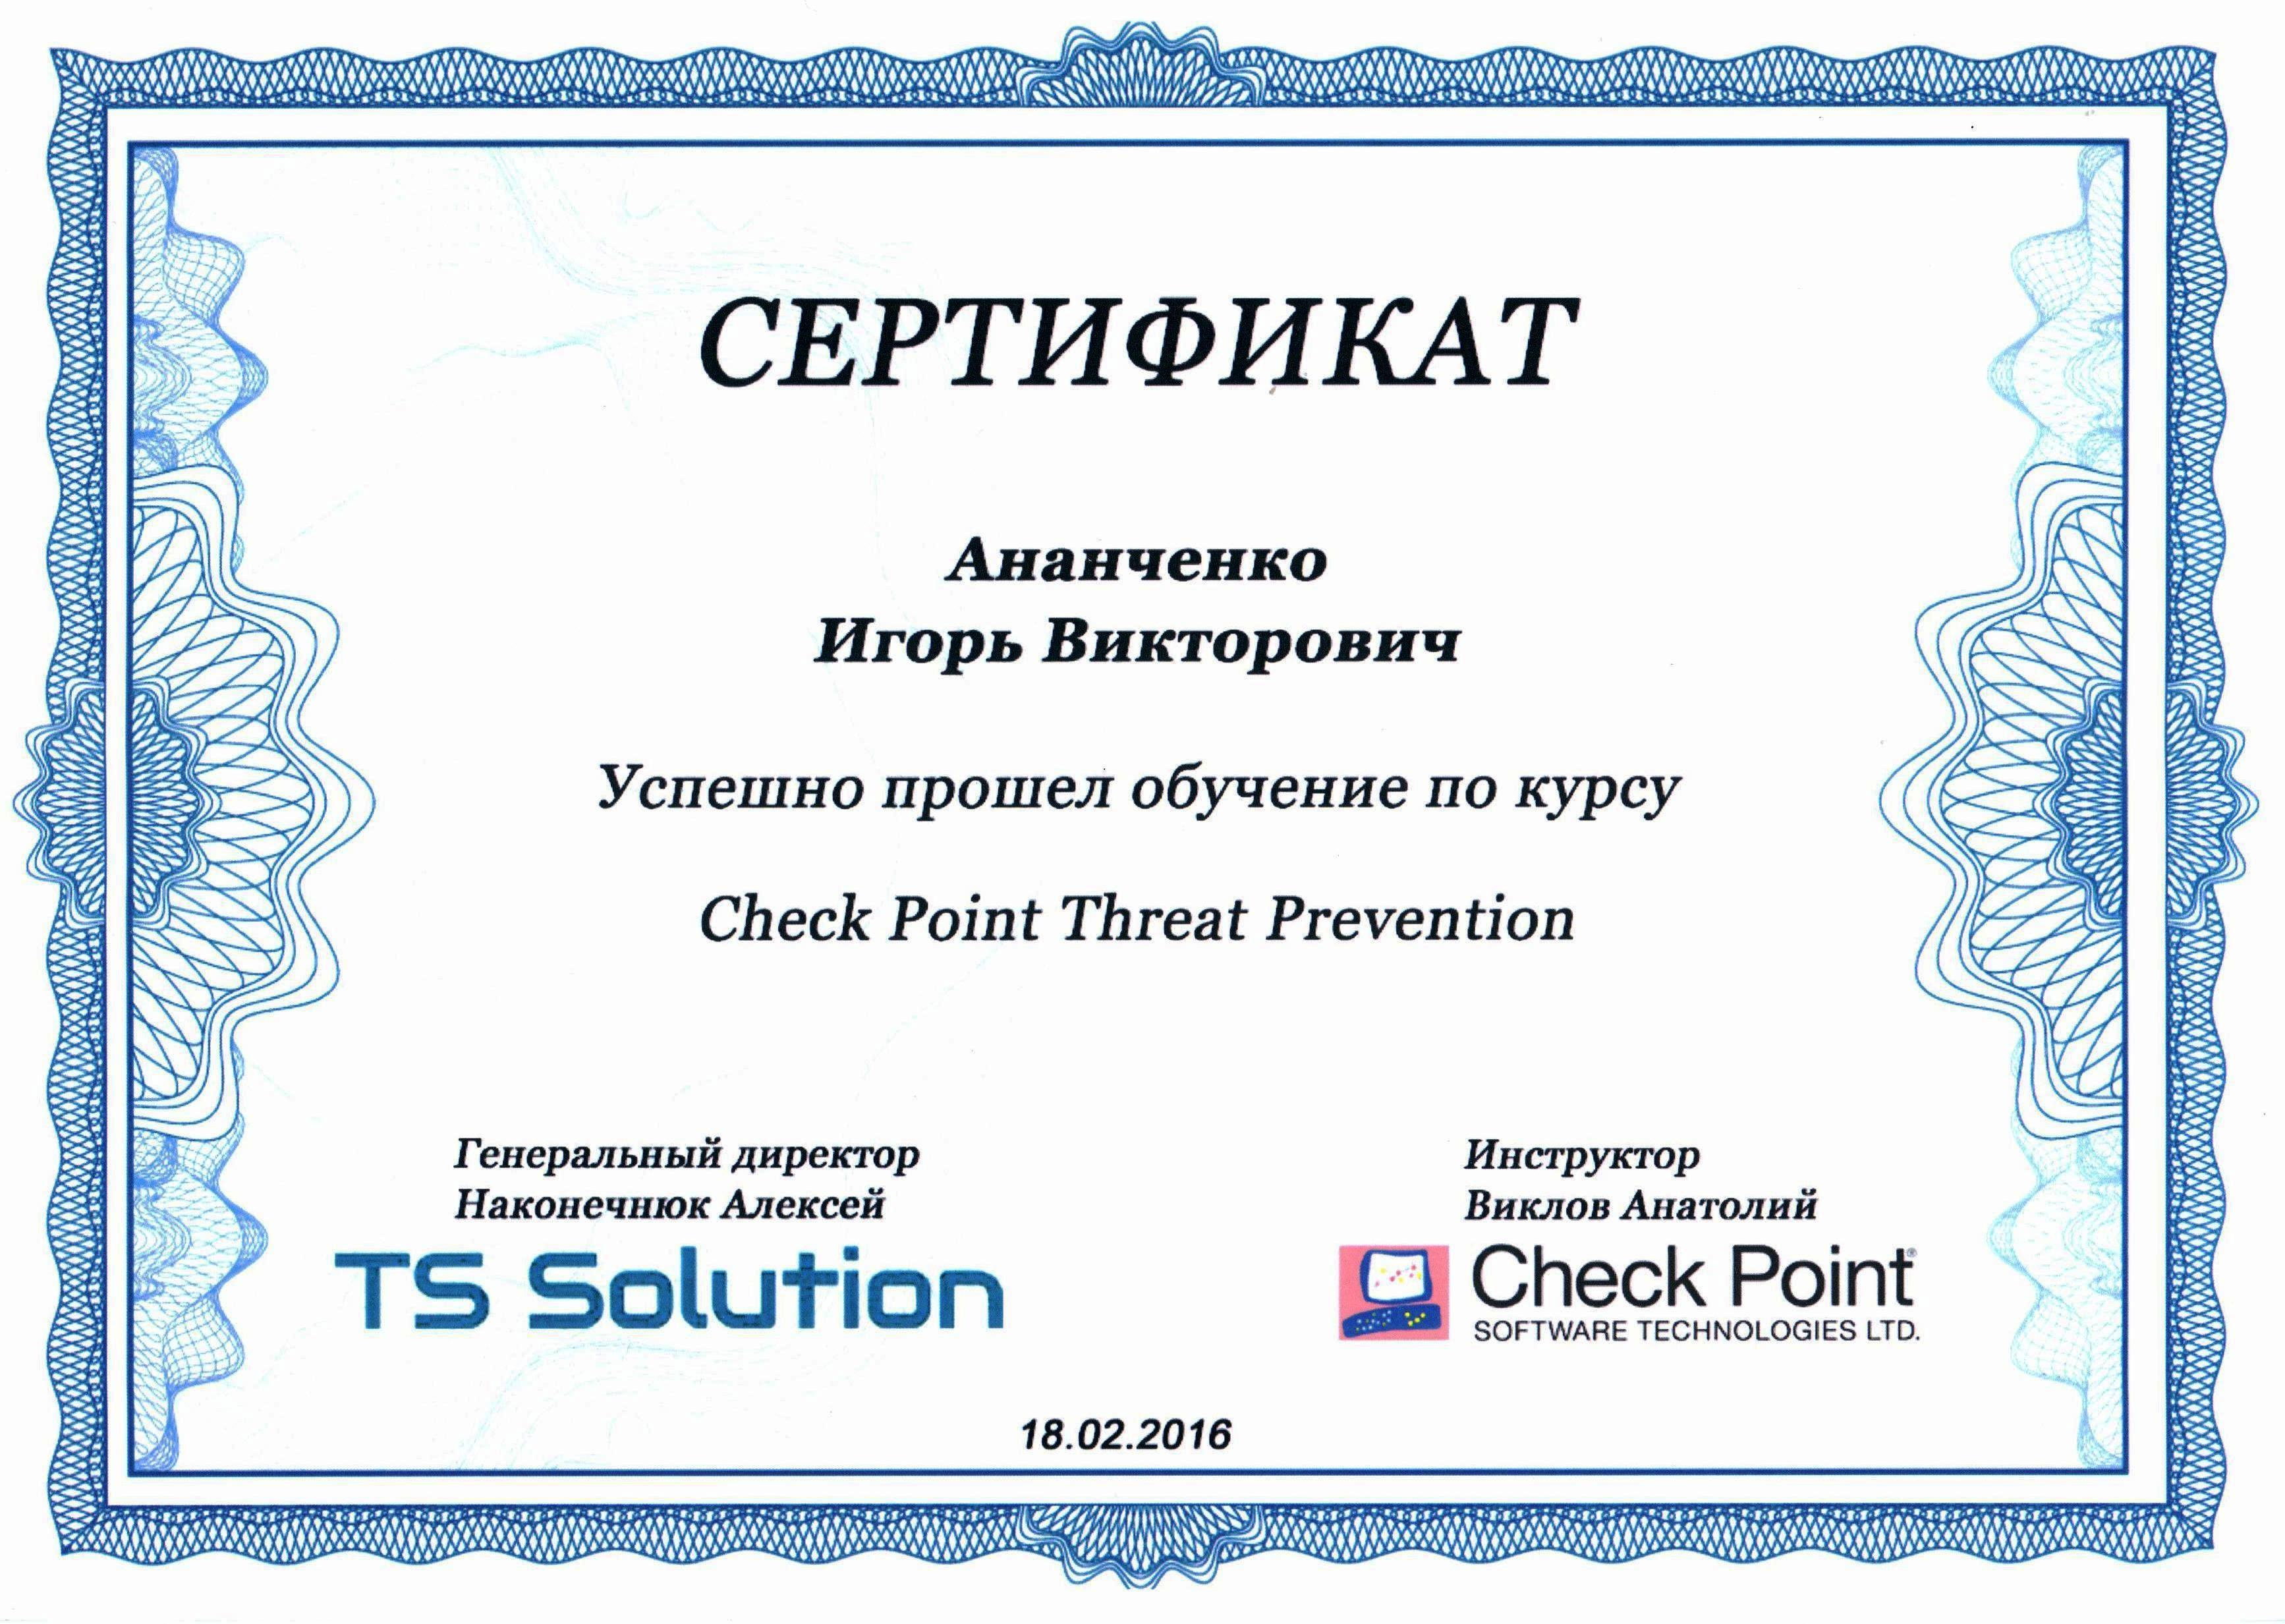 Сертификация ит-специалистов сертификация услуг общественного питания актуальность, статьи